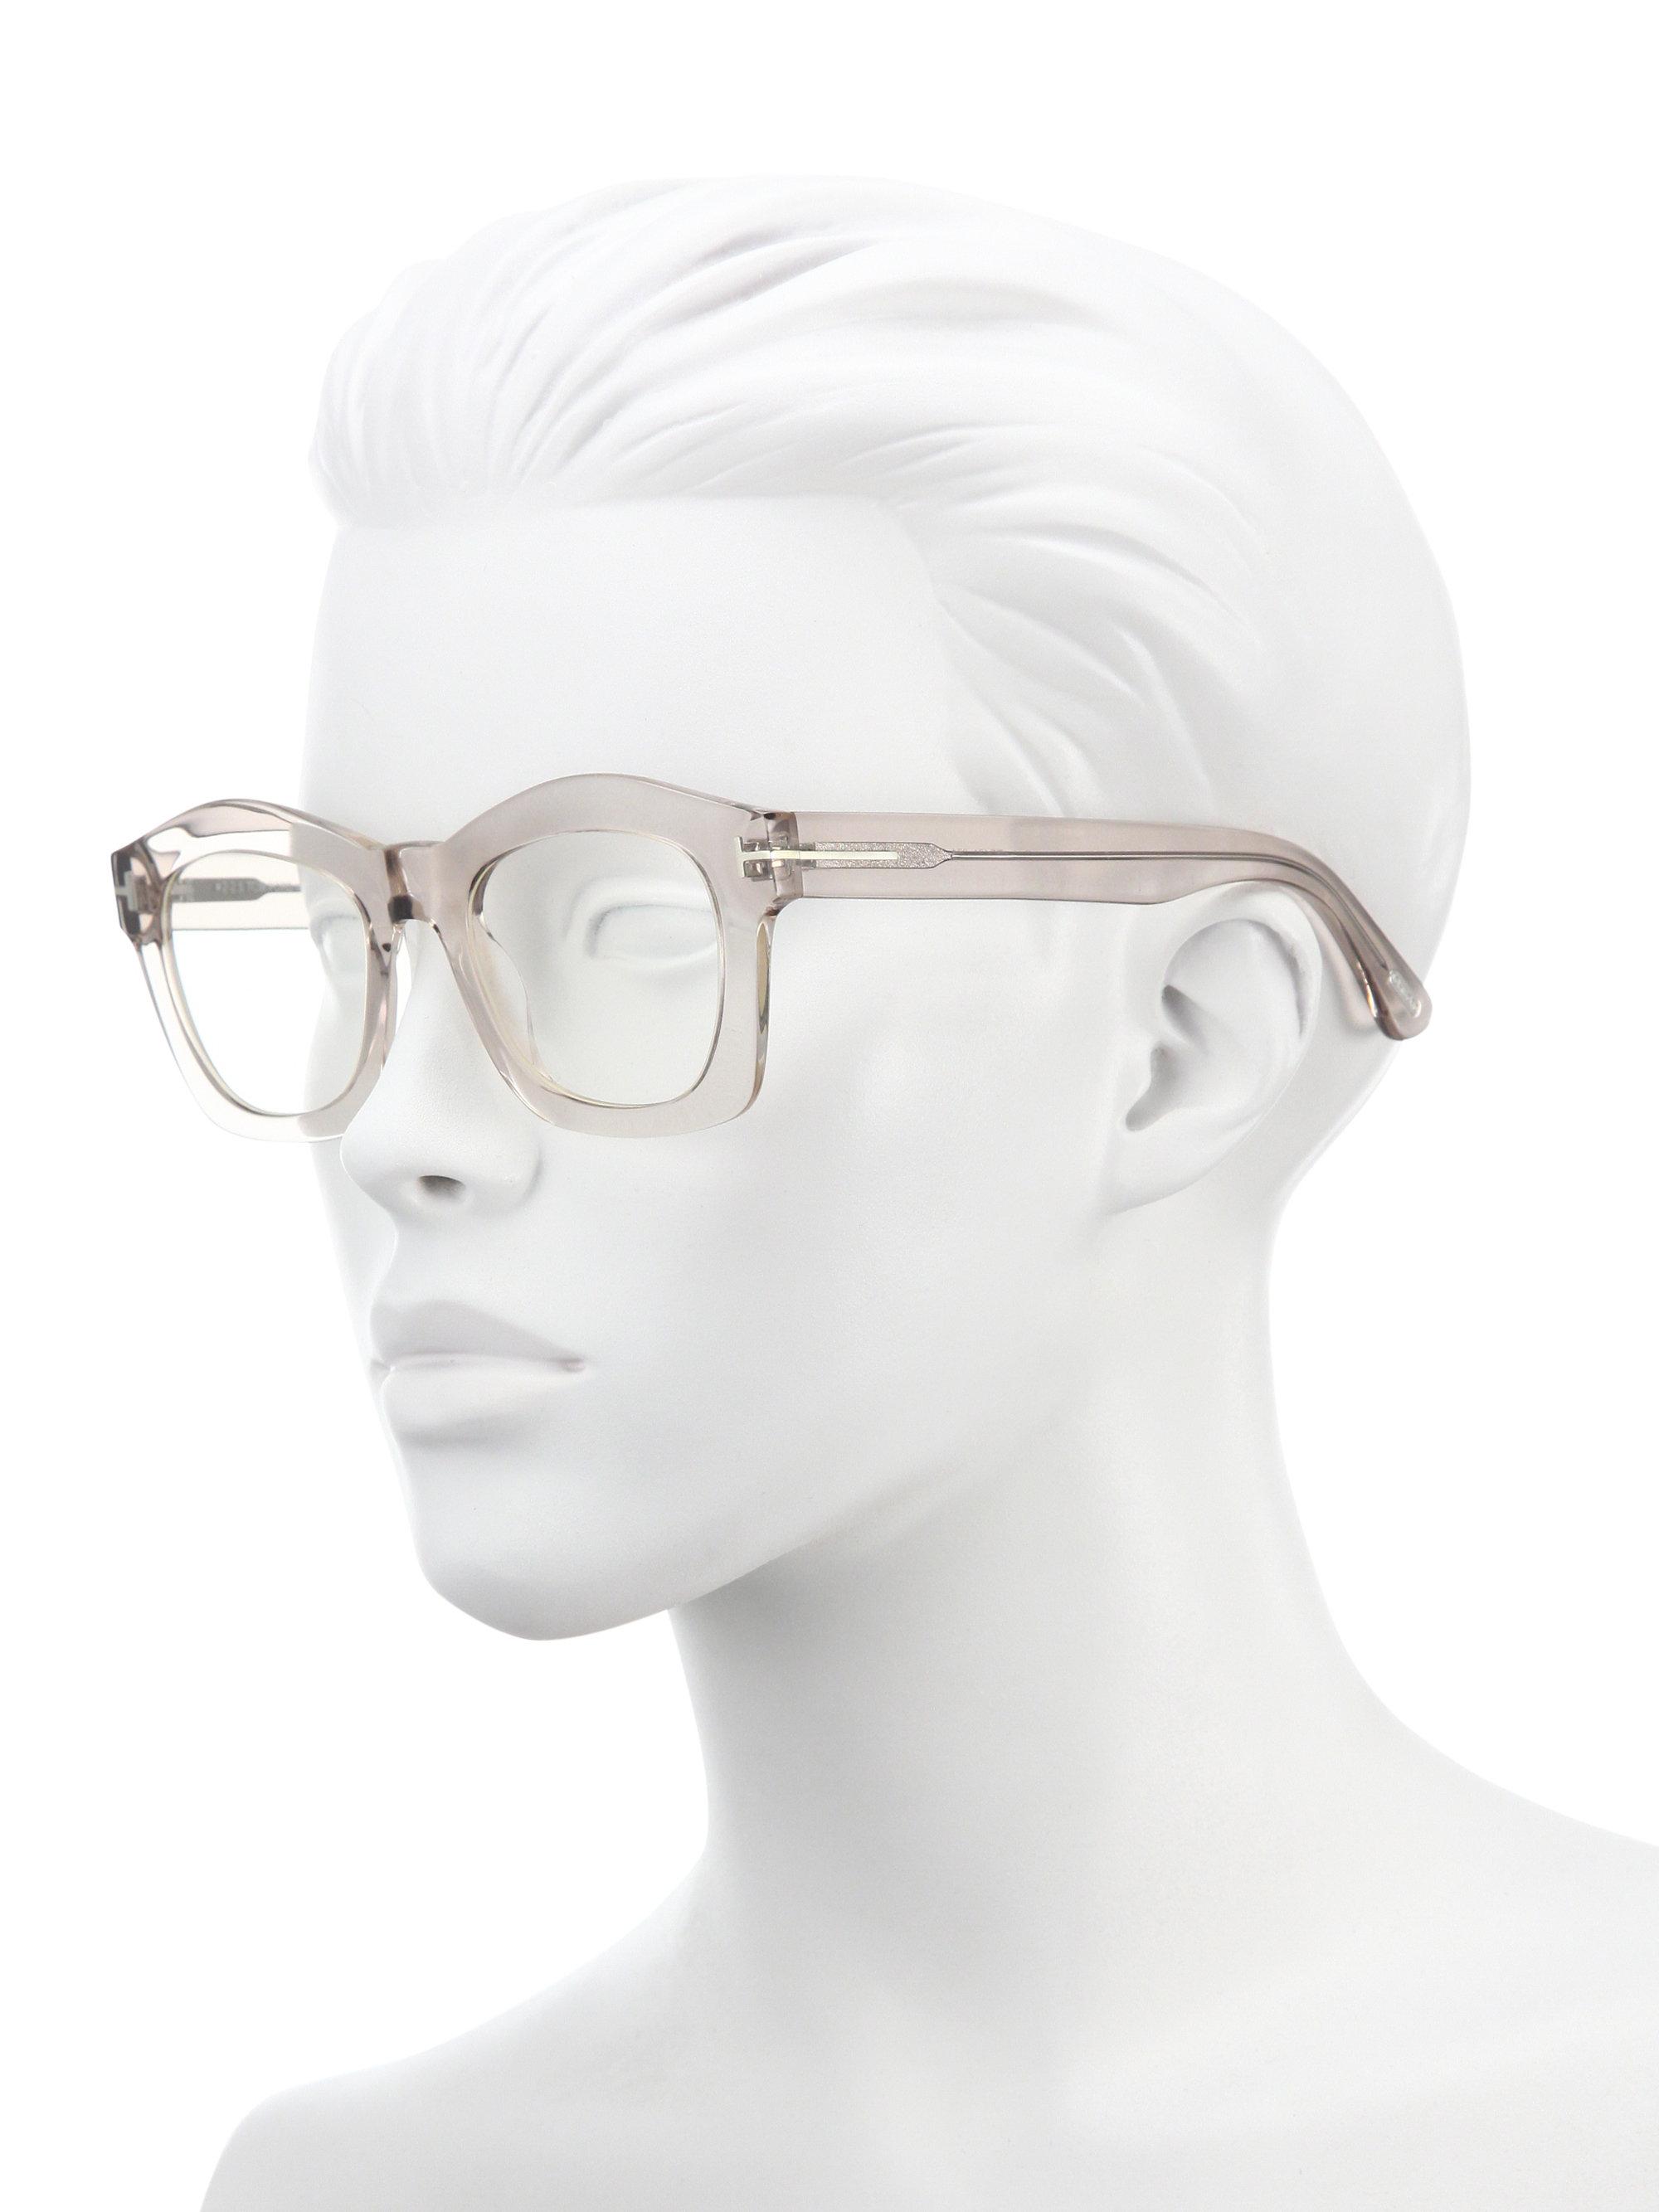 7c1214c682da Lyst - Tom Ford Greta 50mm Geometric Square Sunglasses in Pink